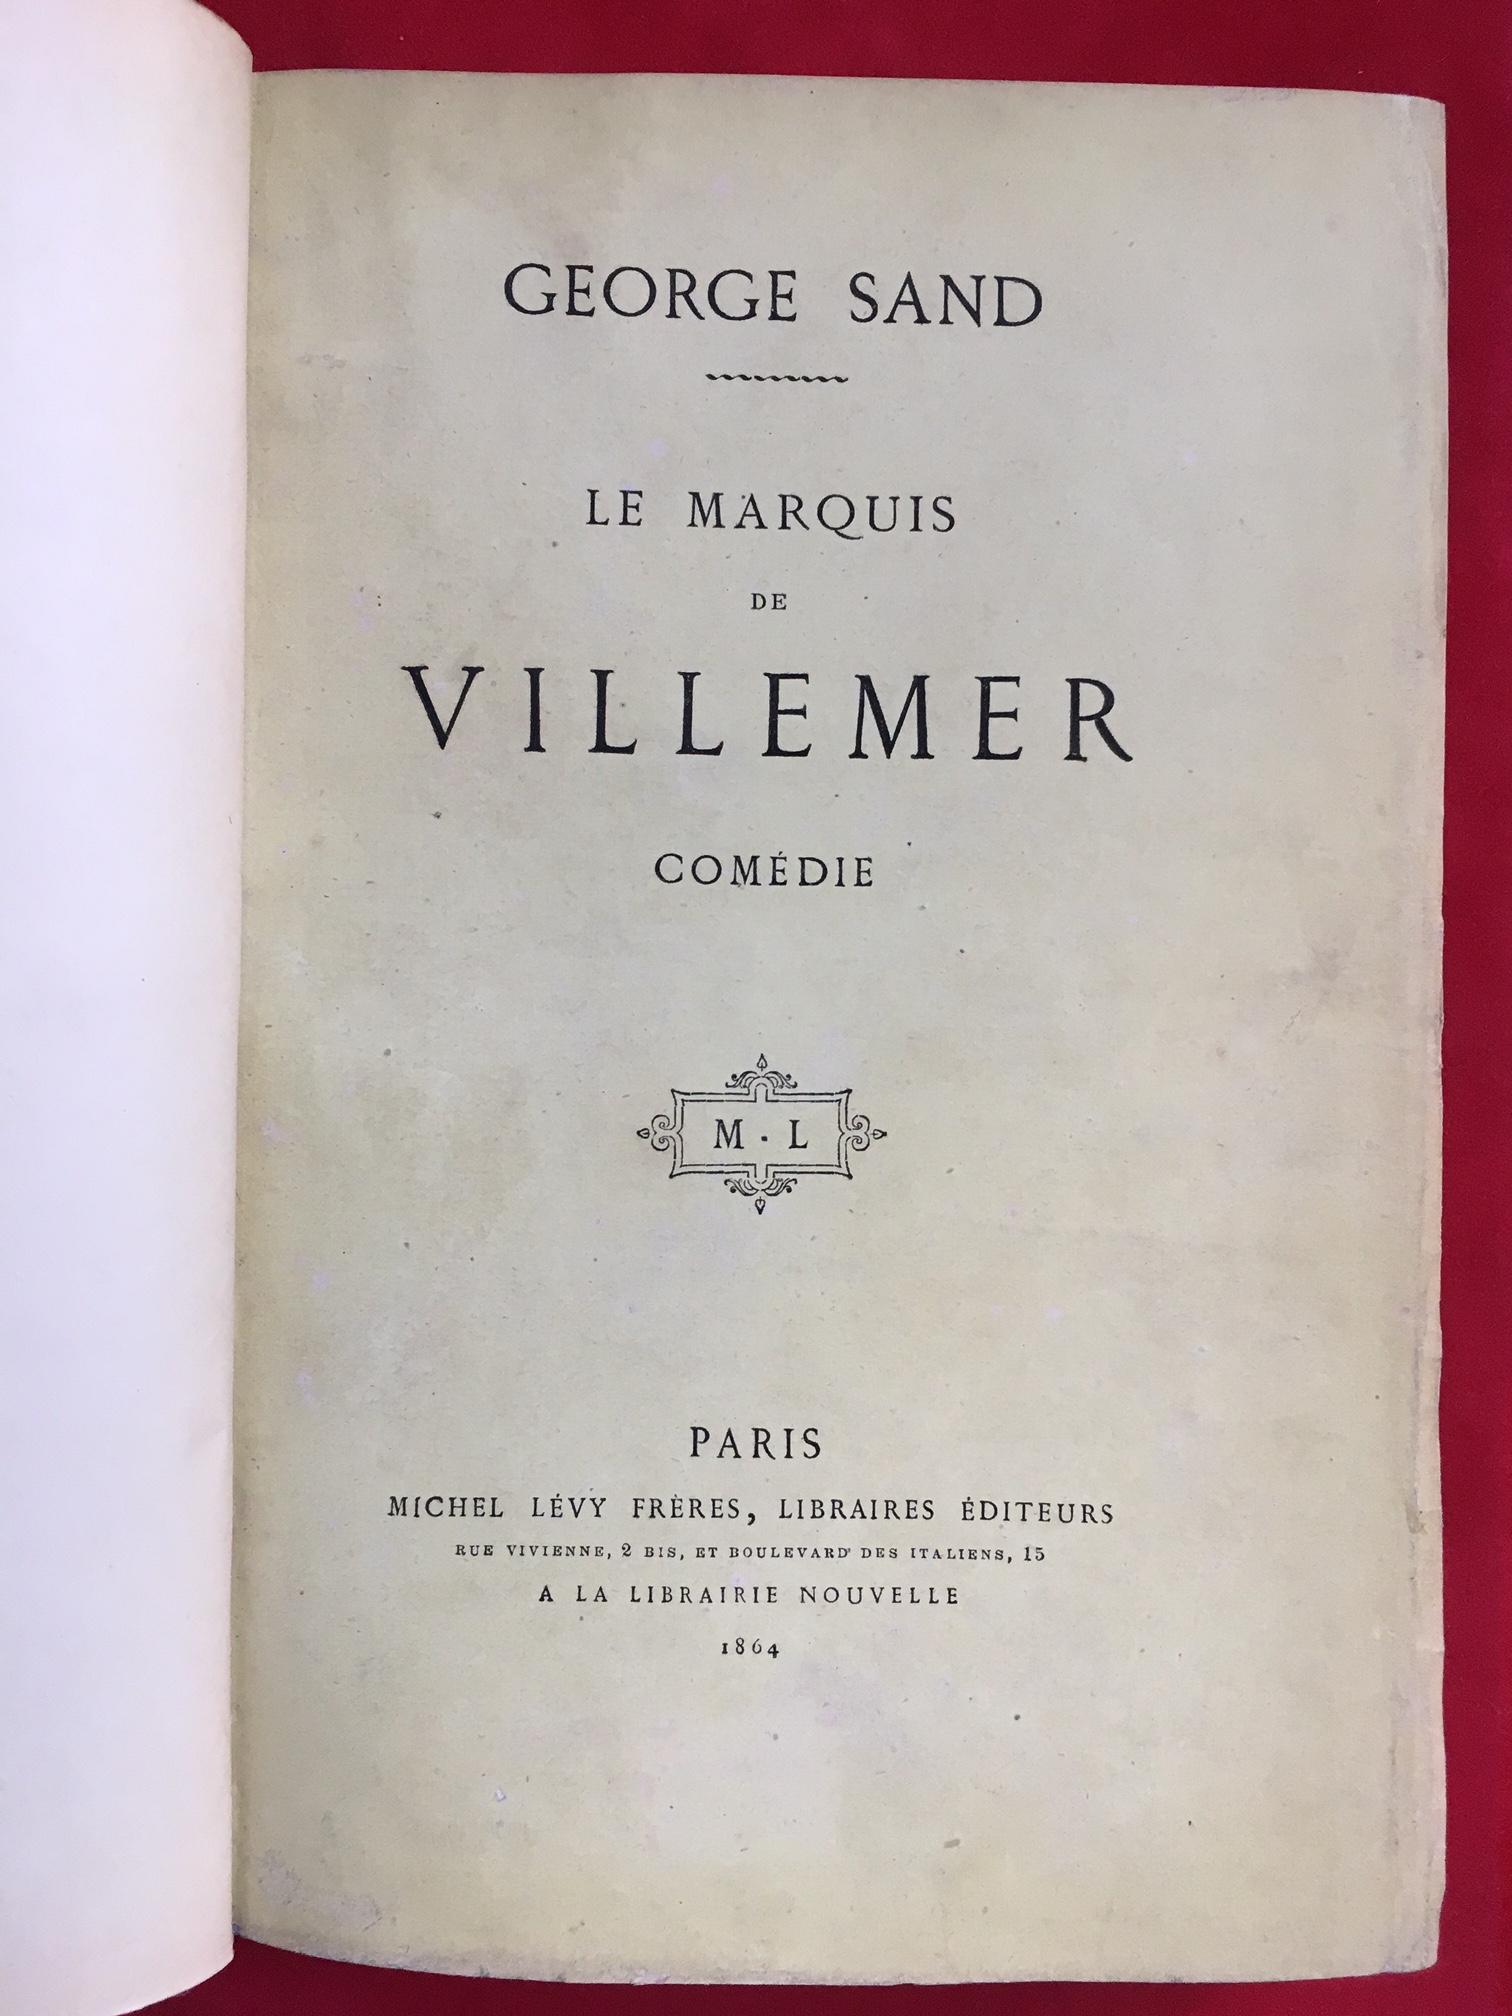 Le marquis de Villemer George Sand